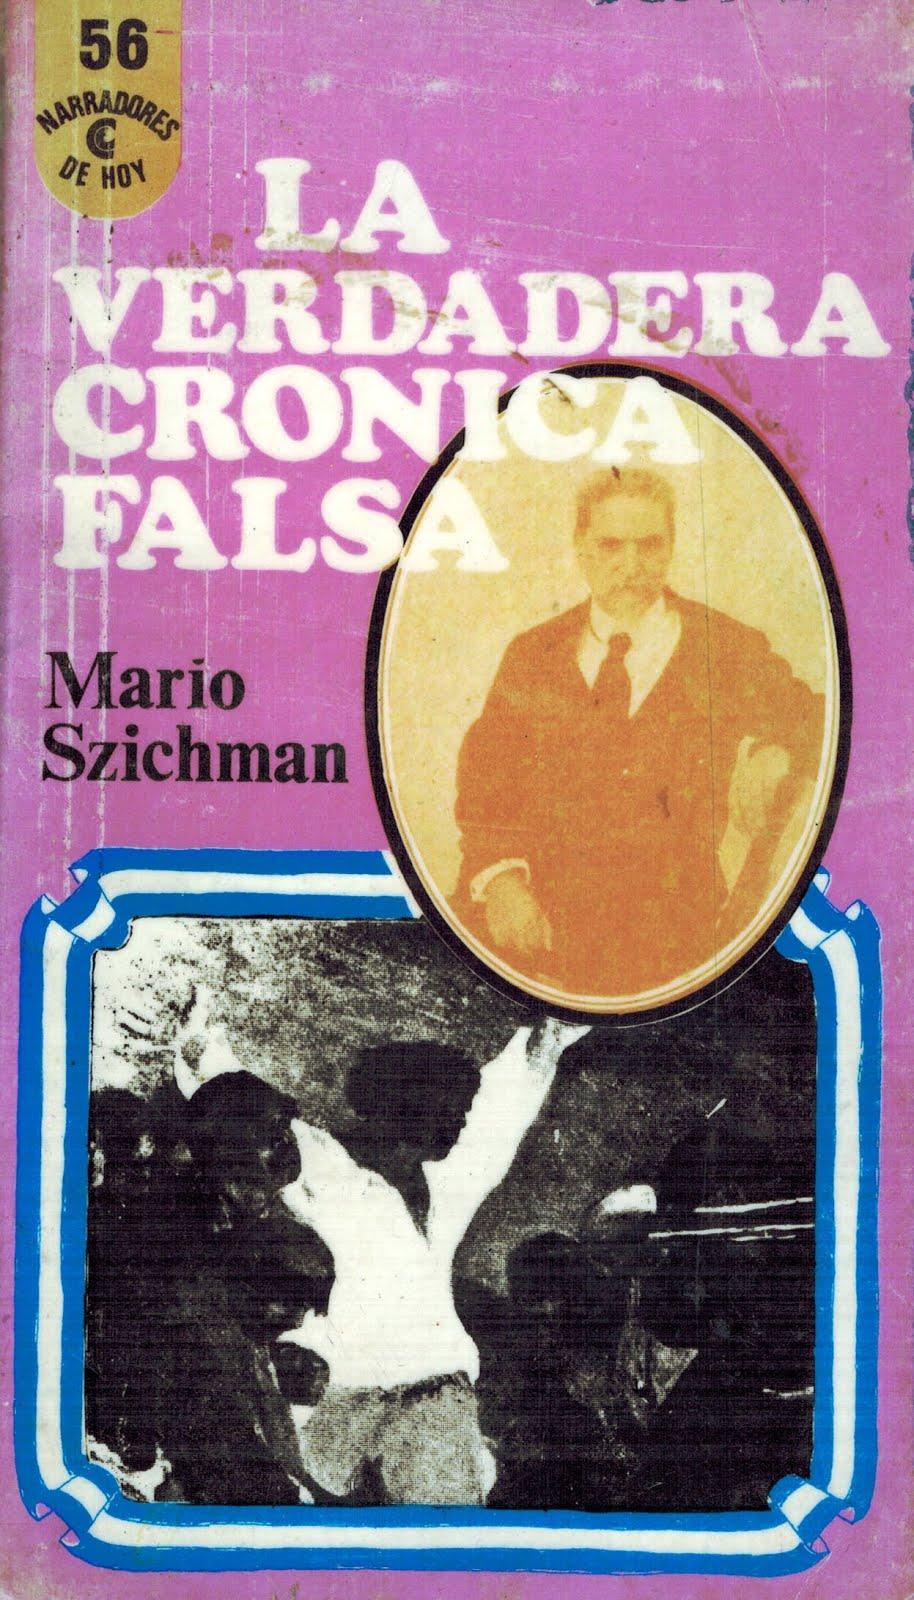 La verdadera crónica falsa